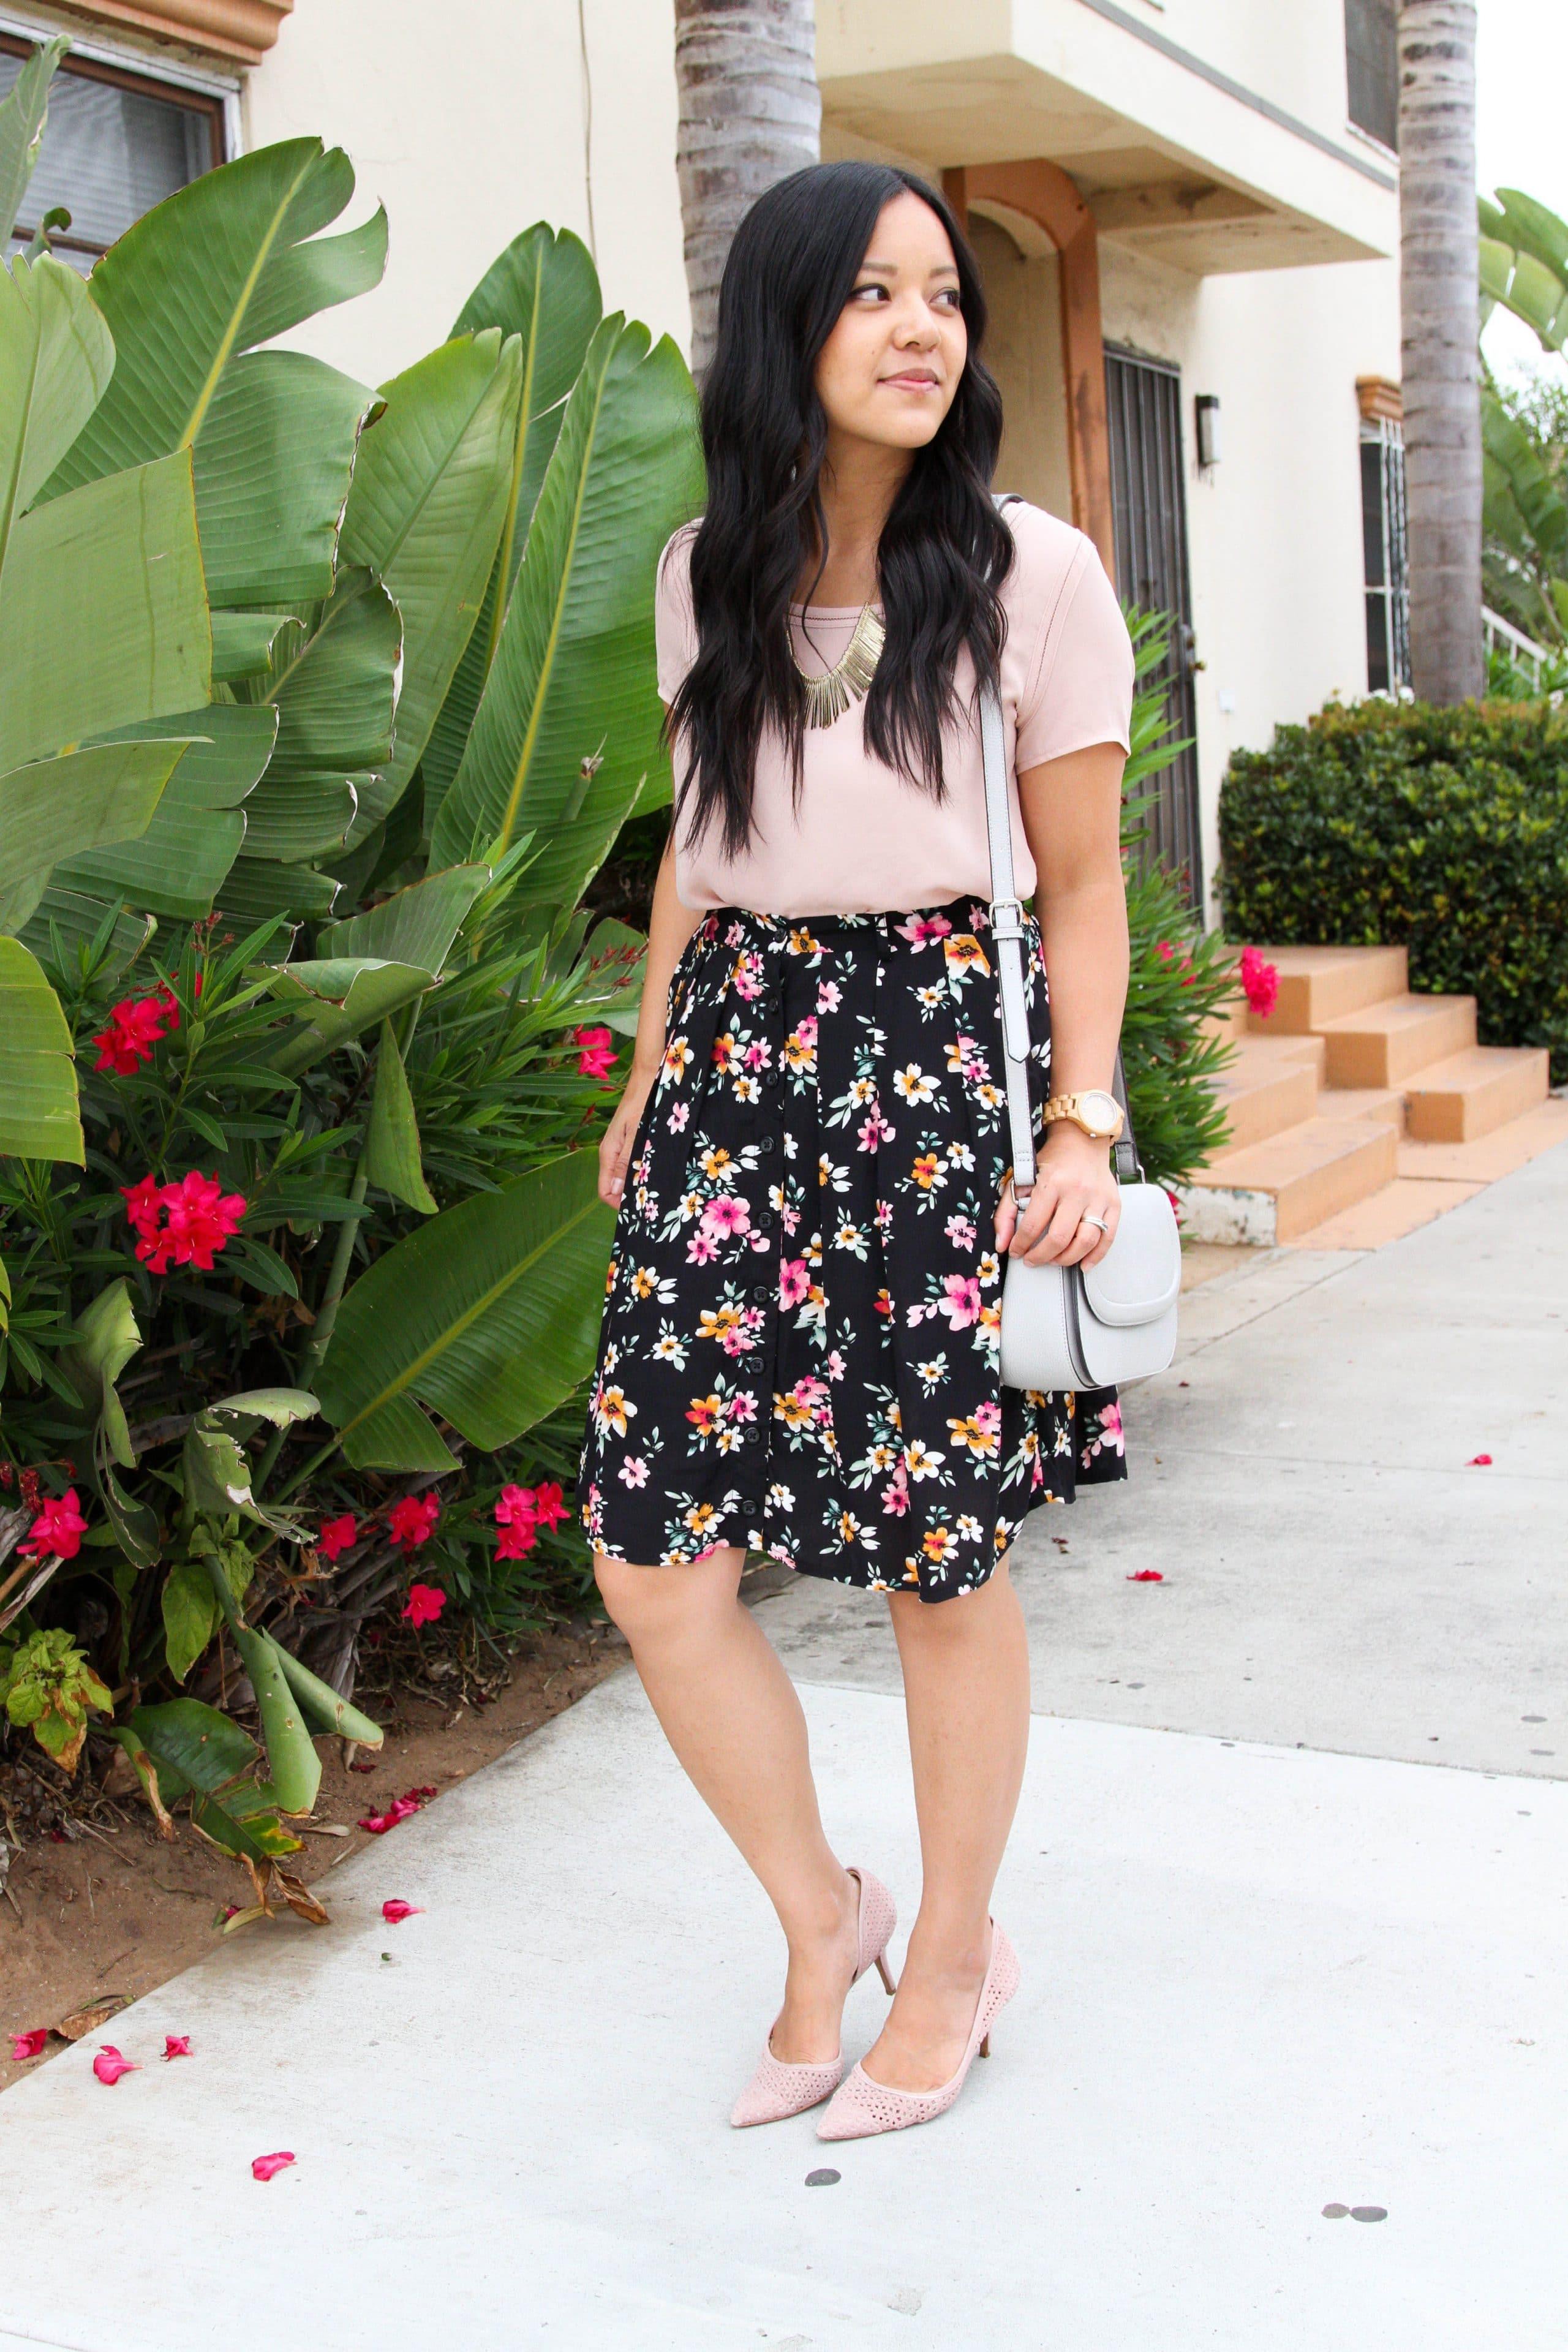 Black floral skirt + pink top + pink pumps + white bag + statement necklace